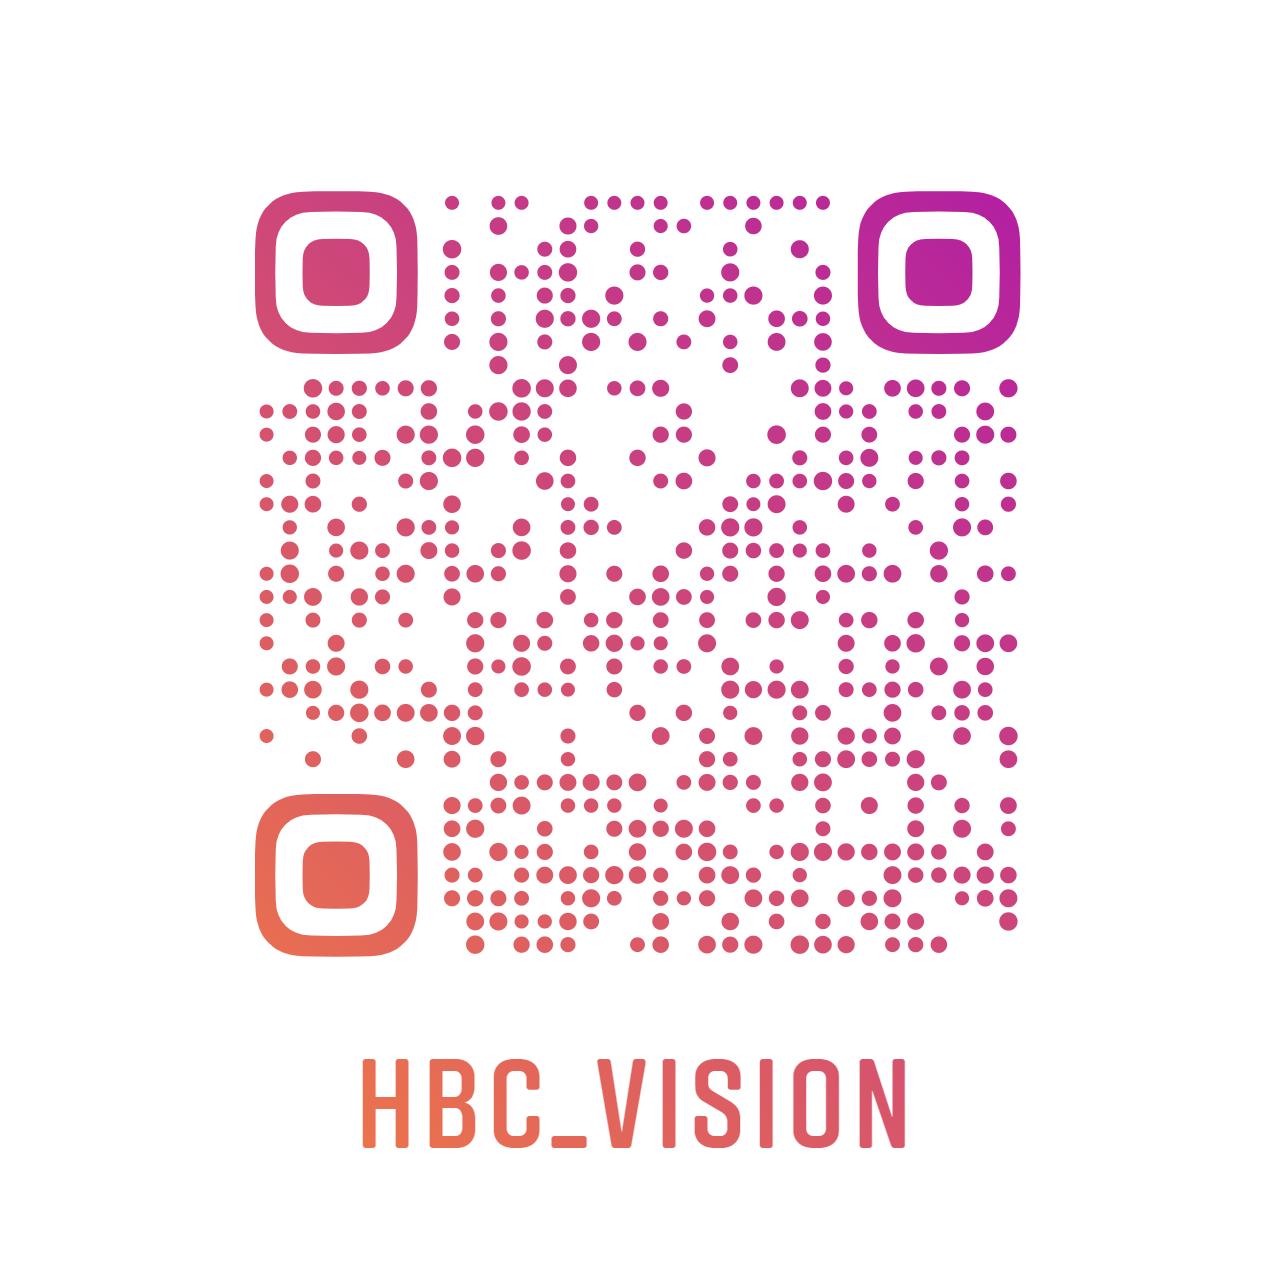 株式会社HBCビジョン